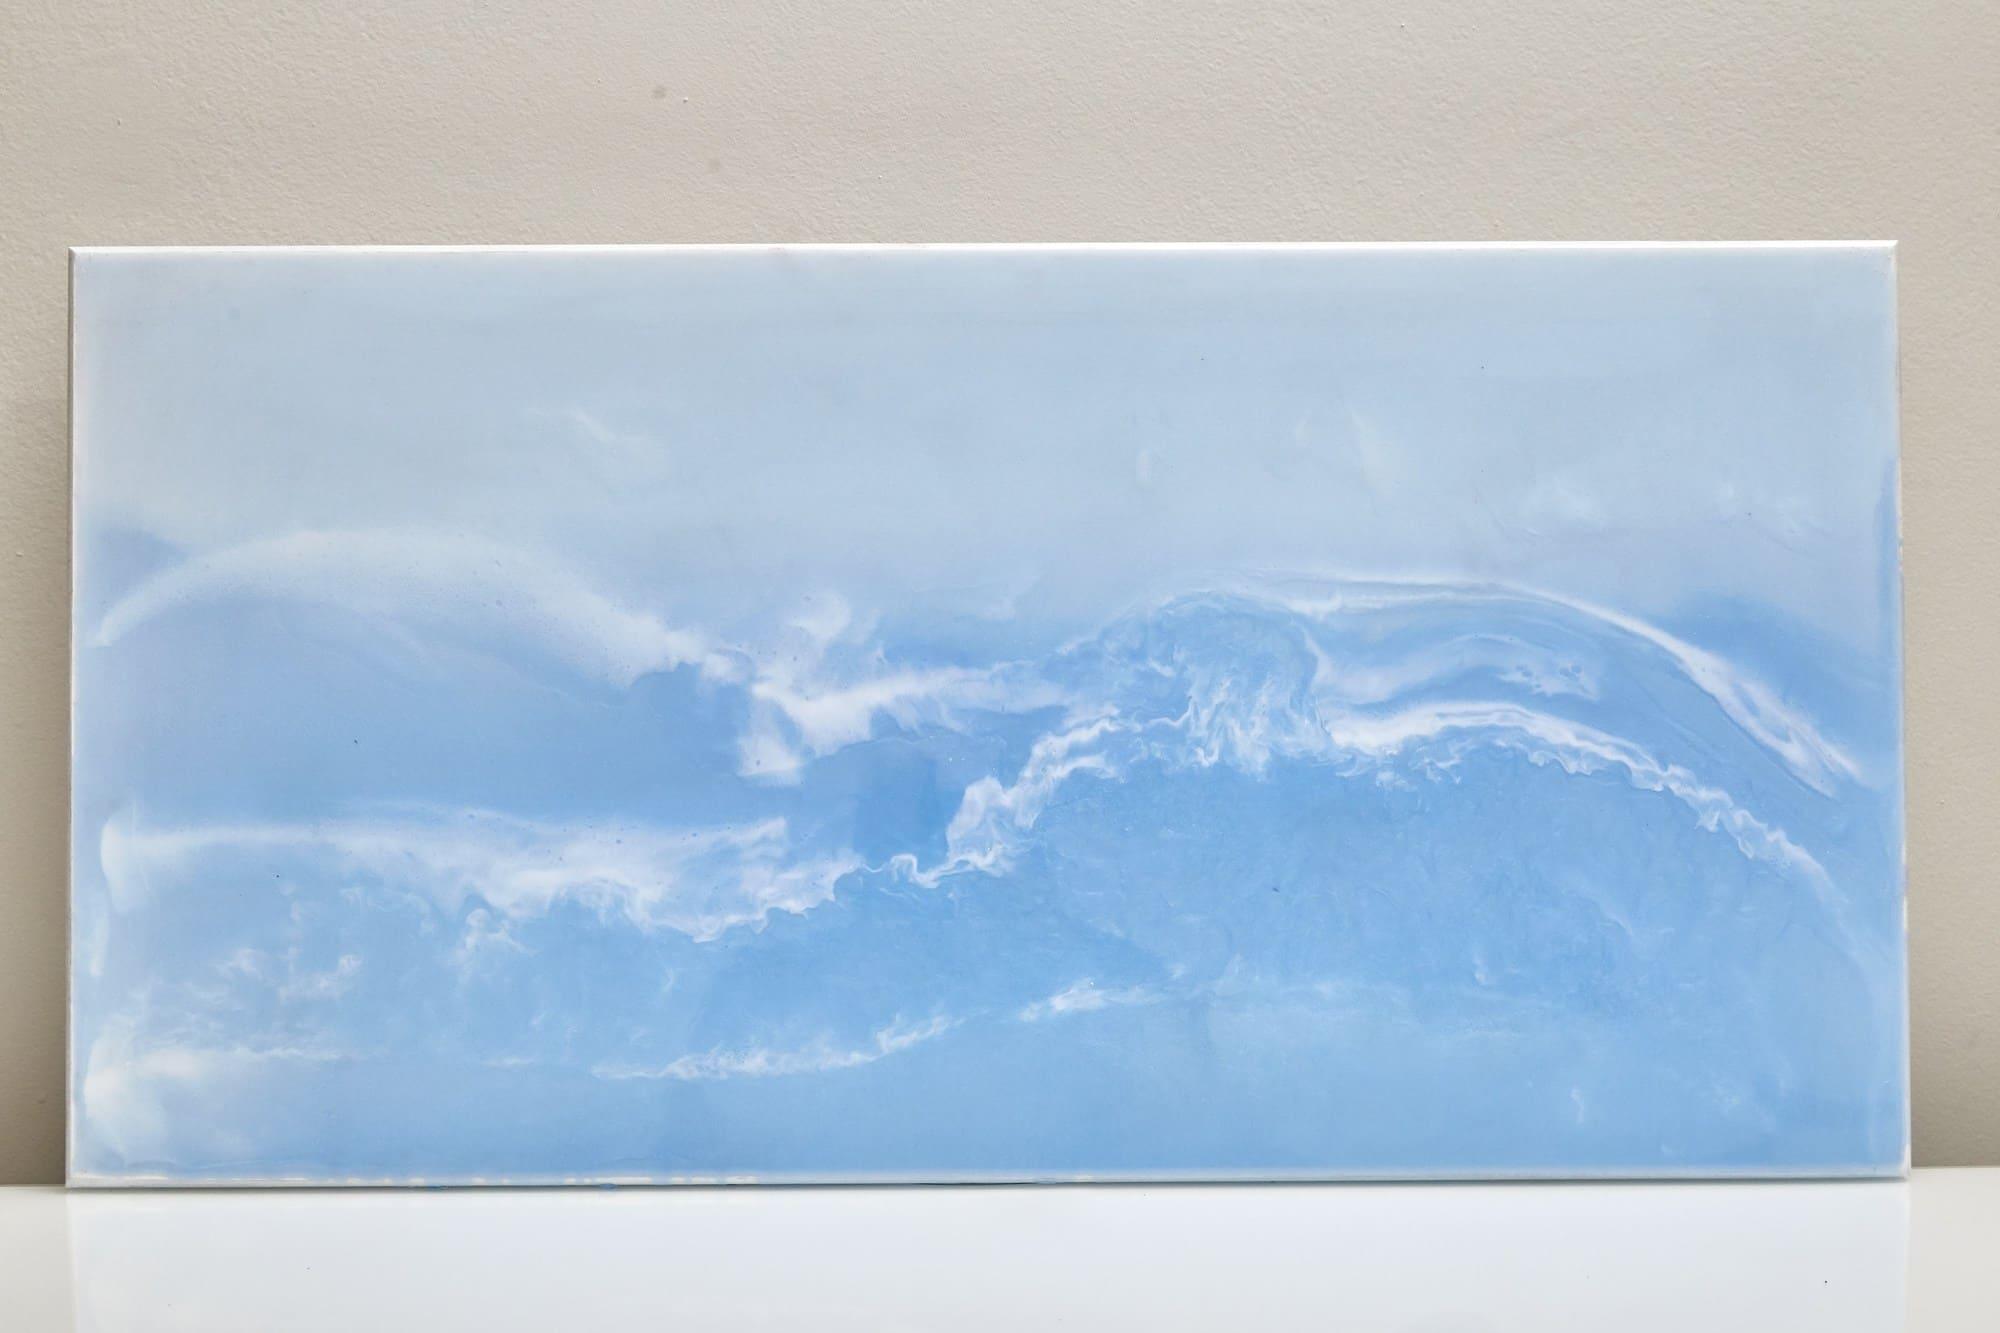 Quadro Decorativo Abstrato - O Mar